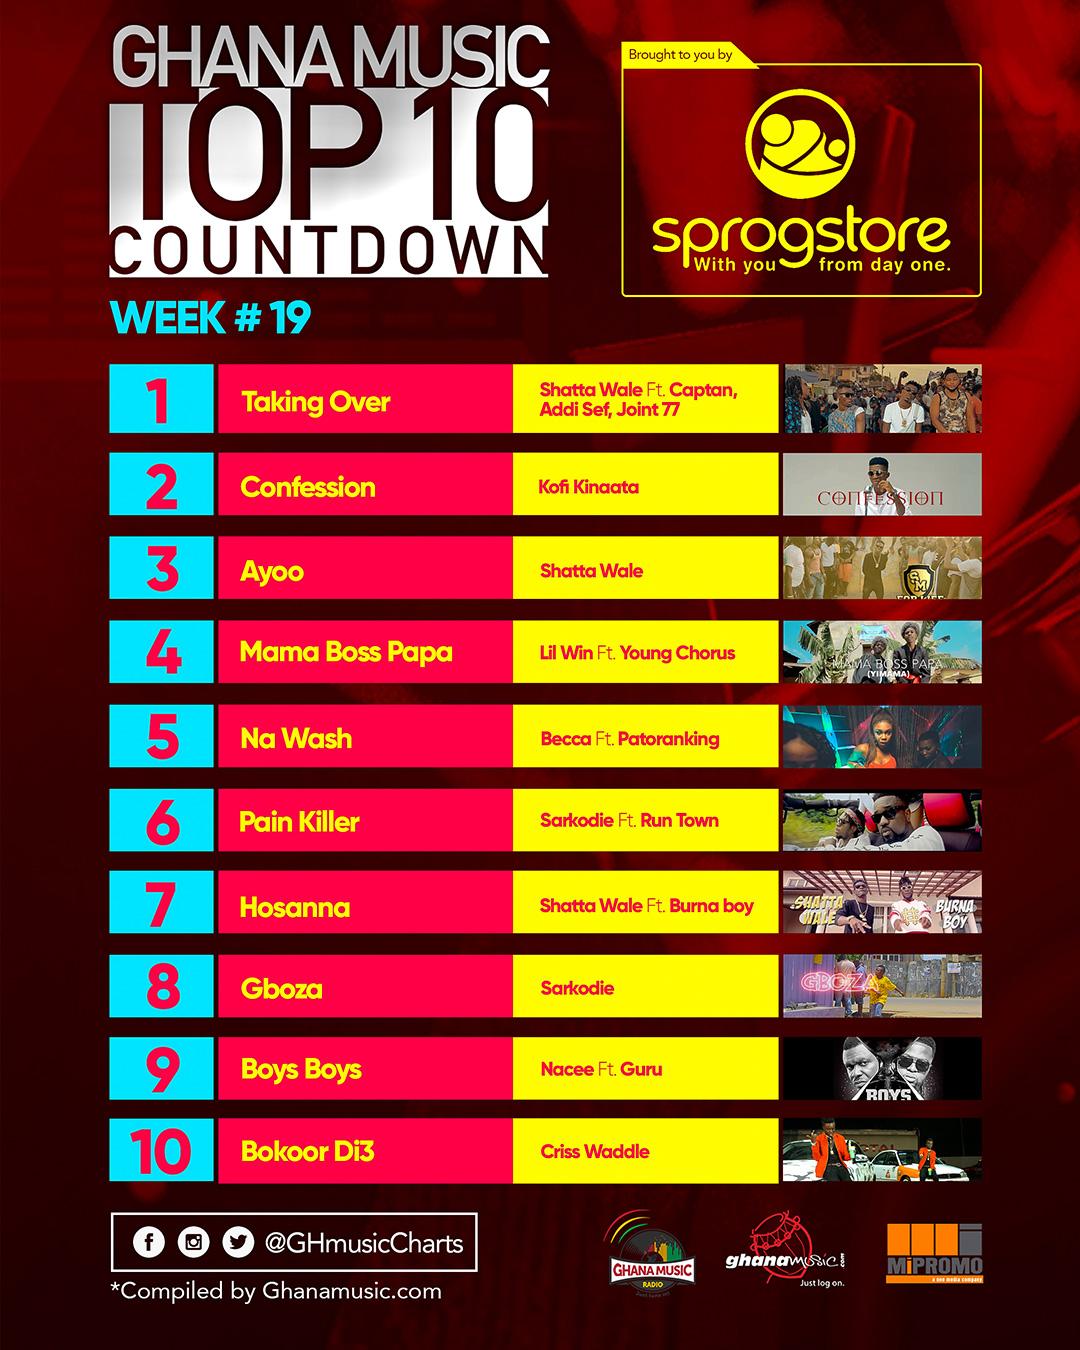 Week #20: Week ending Saturday, May 13th, 2017. Ghana Music Top 10 Countdown.